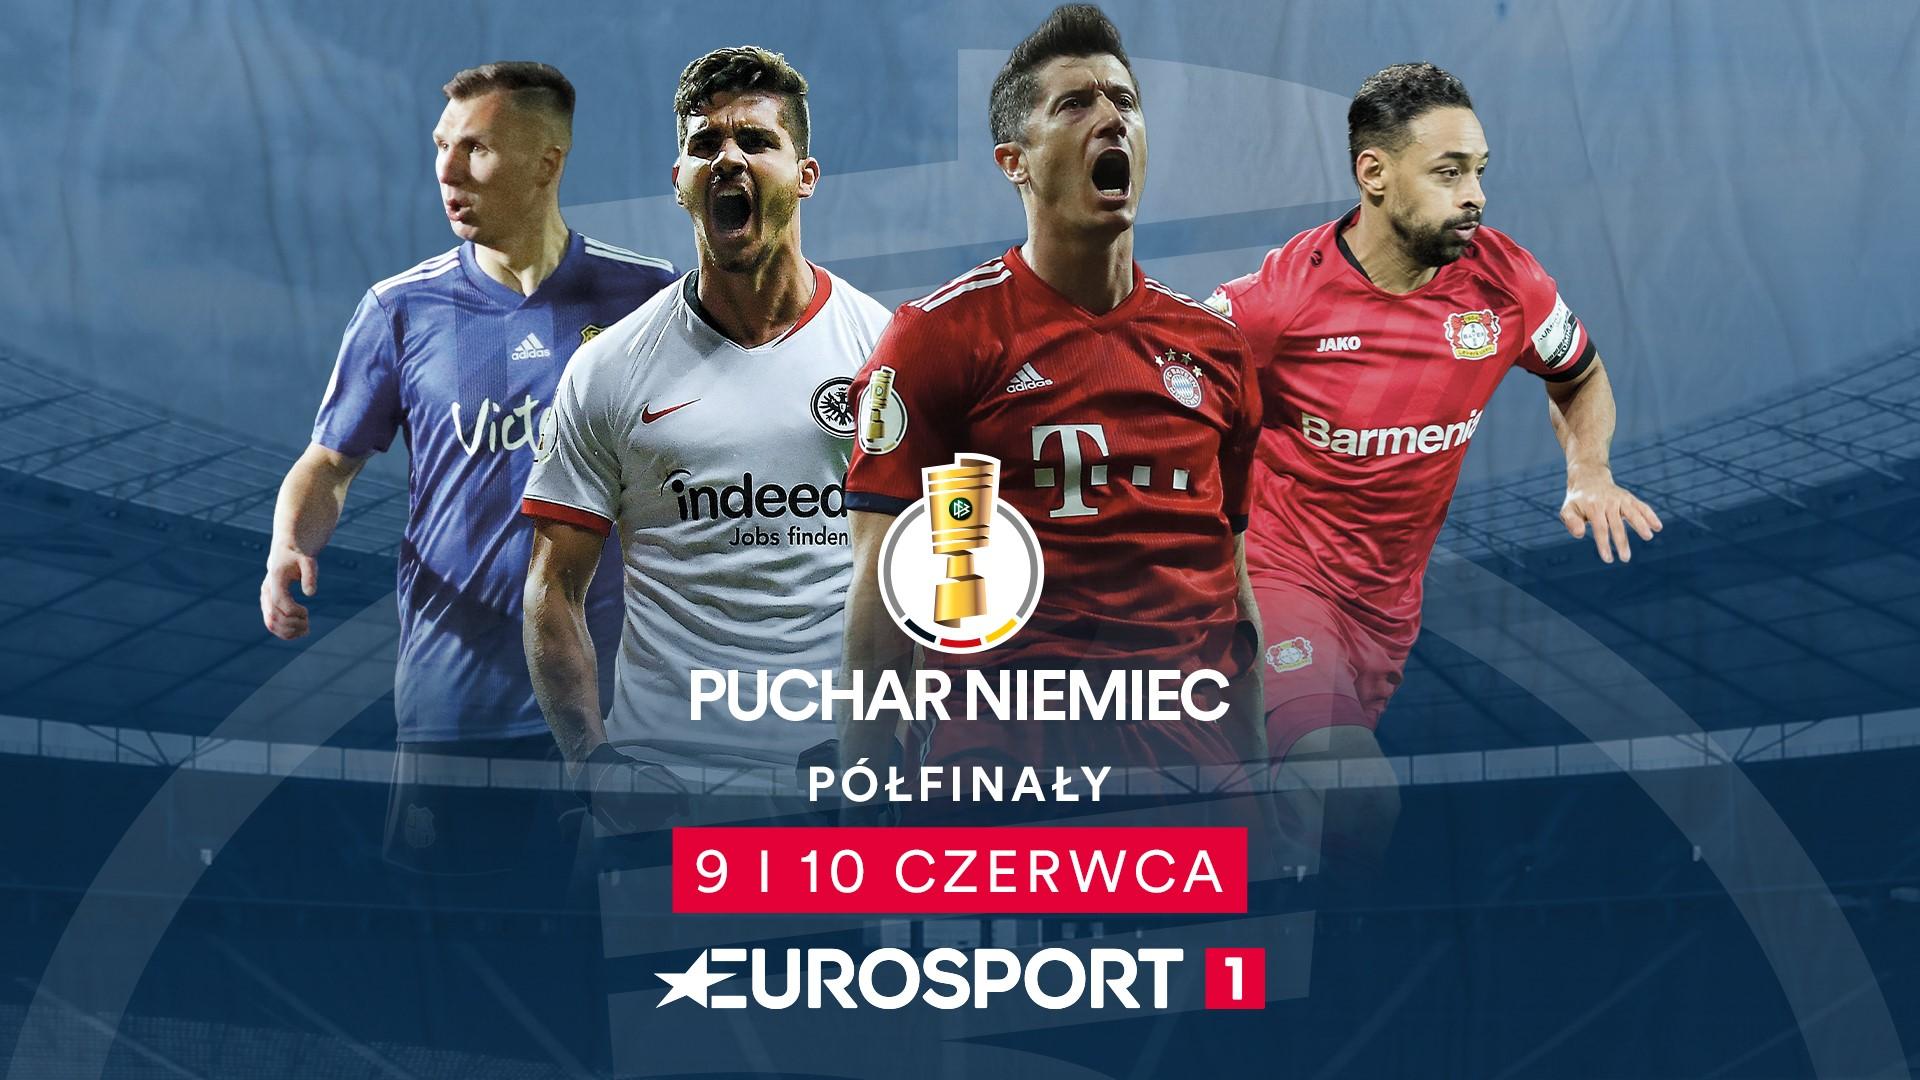 Puchar Niemiec w Eurosporcie z komentarzem Mateusza Borka